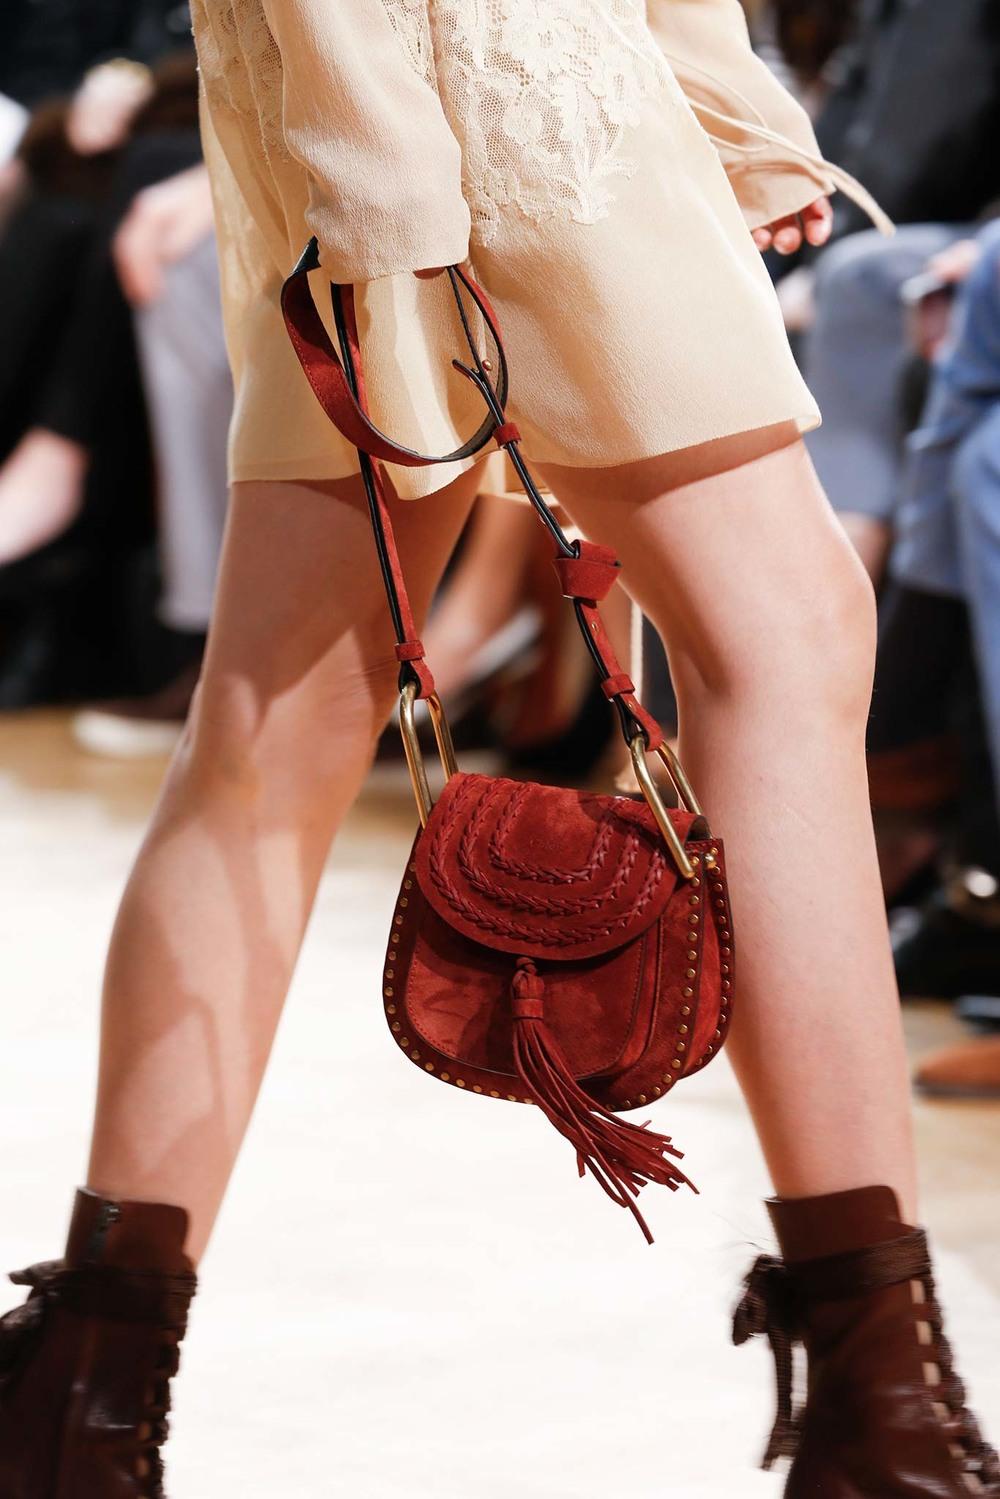 07-03-accessories-trends-fall-2015-tassels.jpg